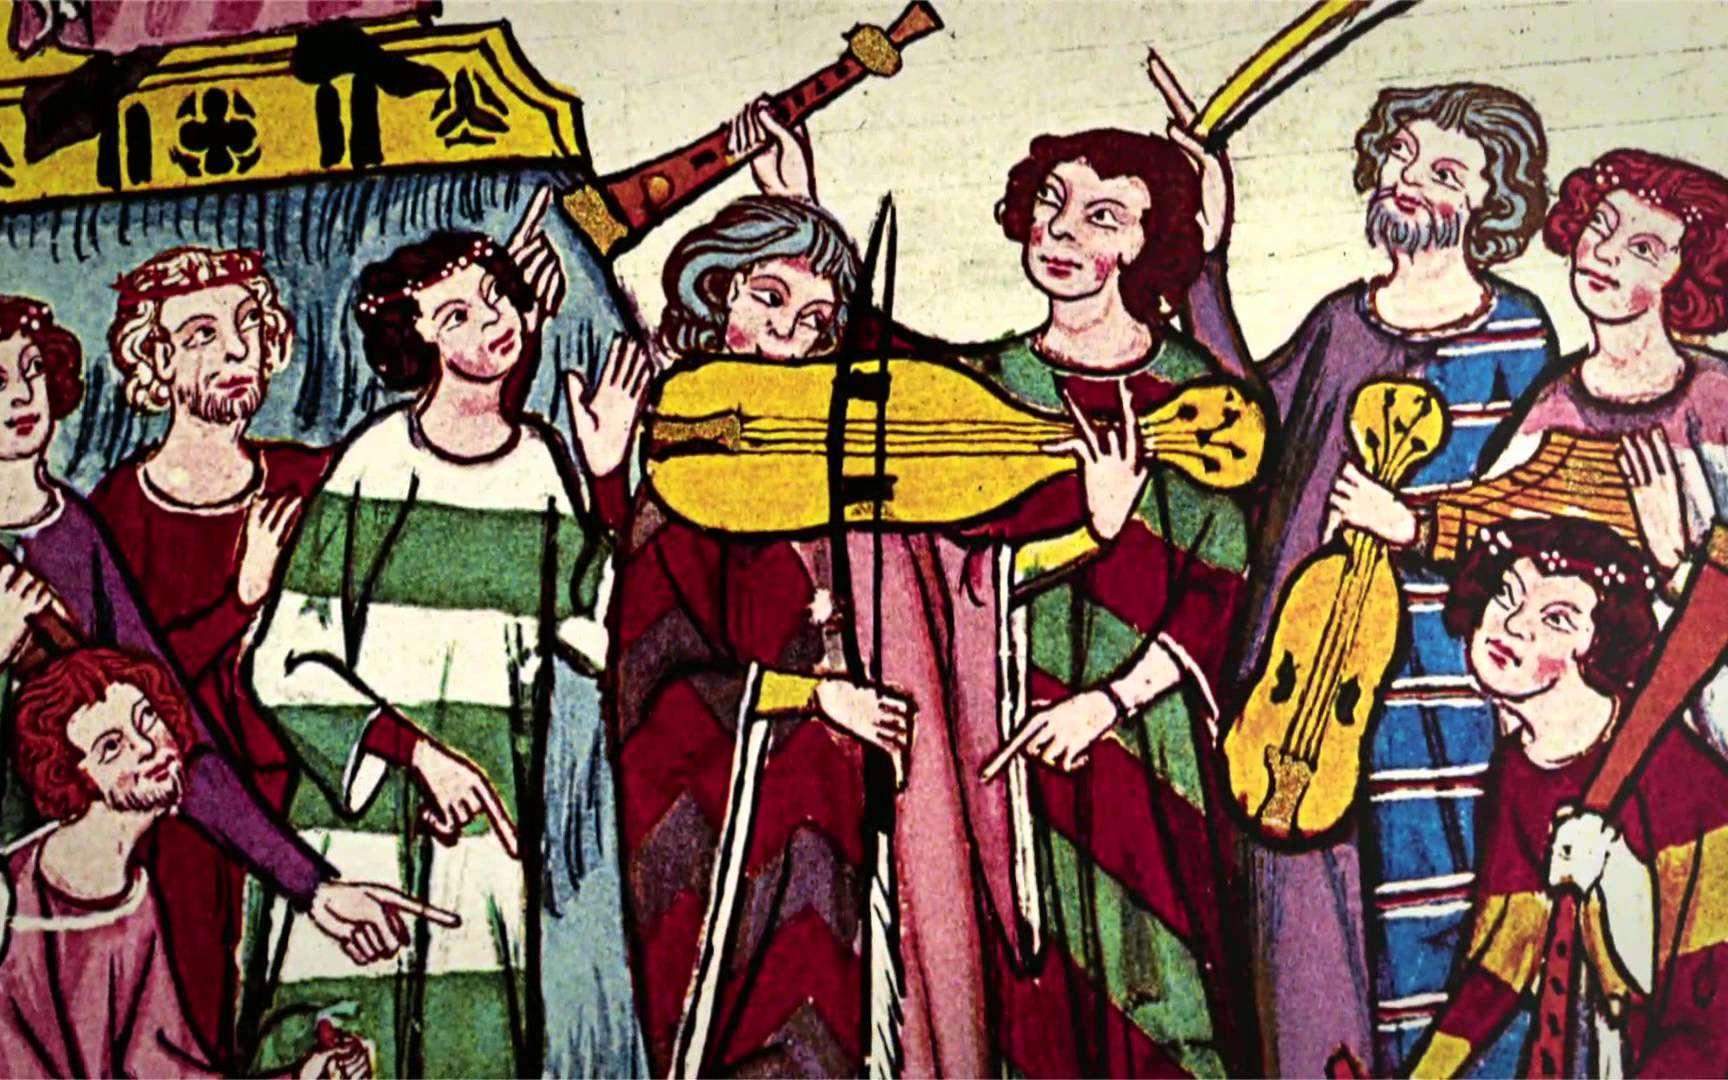 Les troubadours du Moyen Âge étaient aussi bien poètes que musiciens. Image extraite de la vidéo Troubadours, trouvères et jongleurs. © Éditions Ouest-France